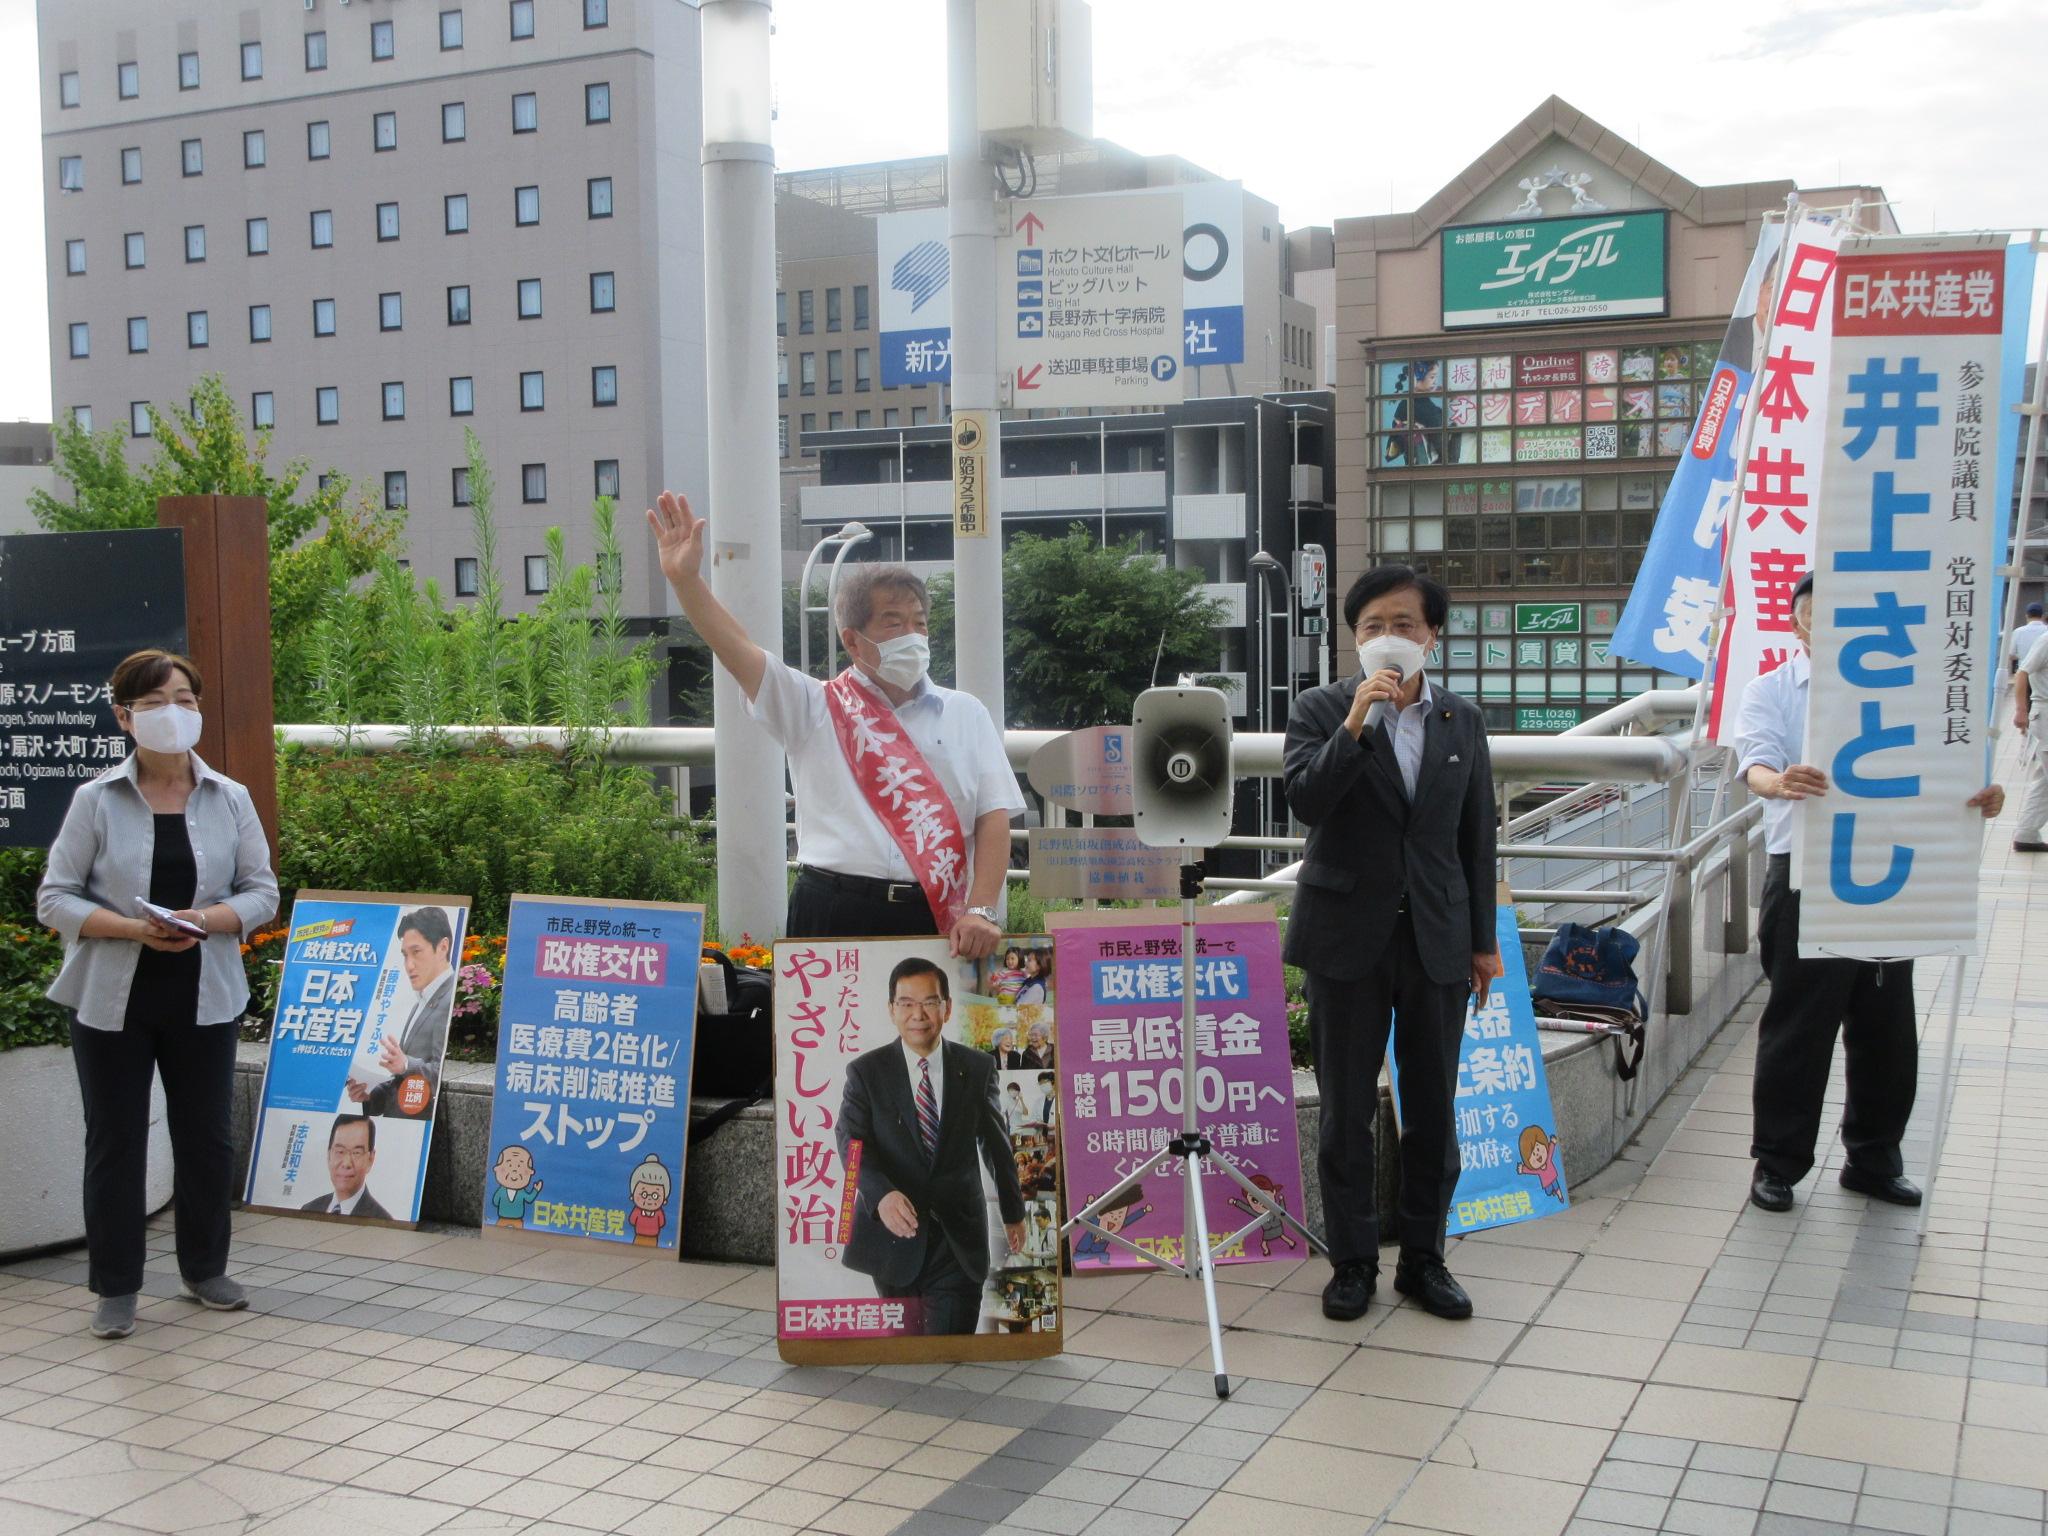 http://www.inoue-satoshi.com/diary/IMG_2618.JPG